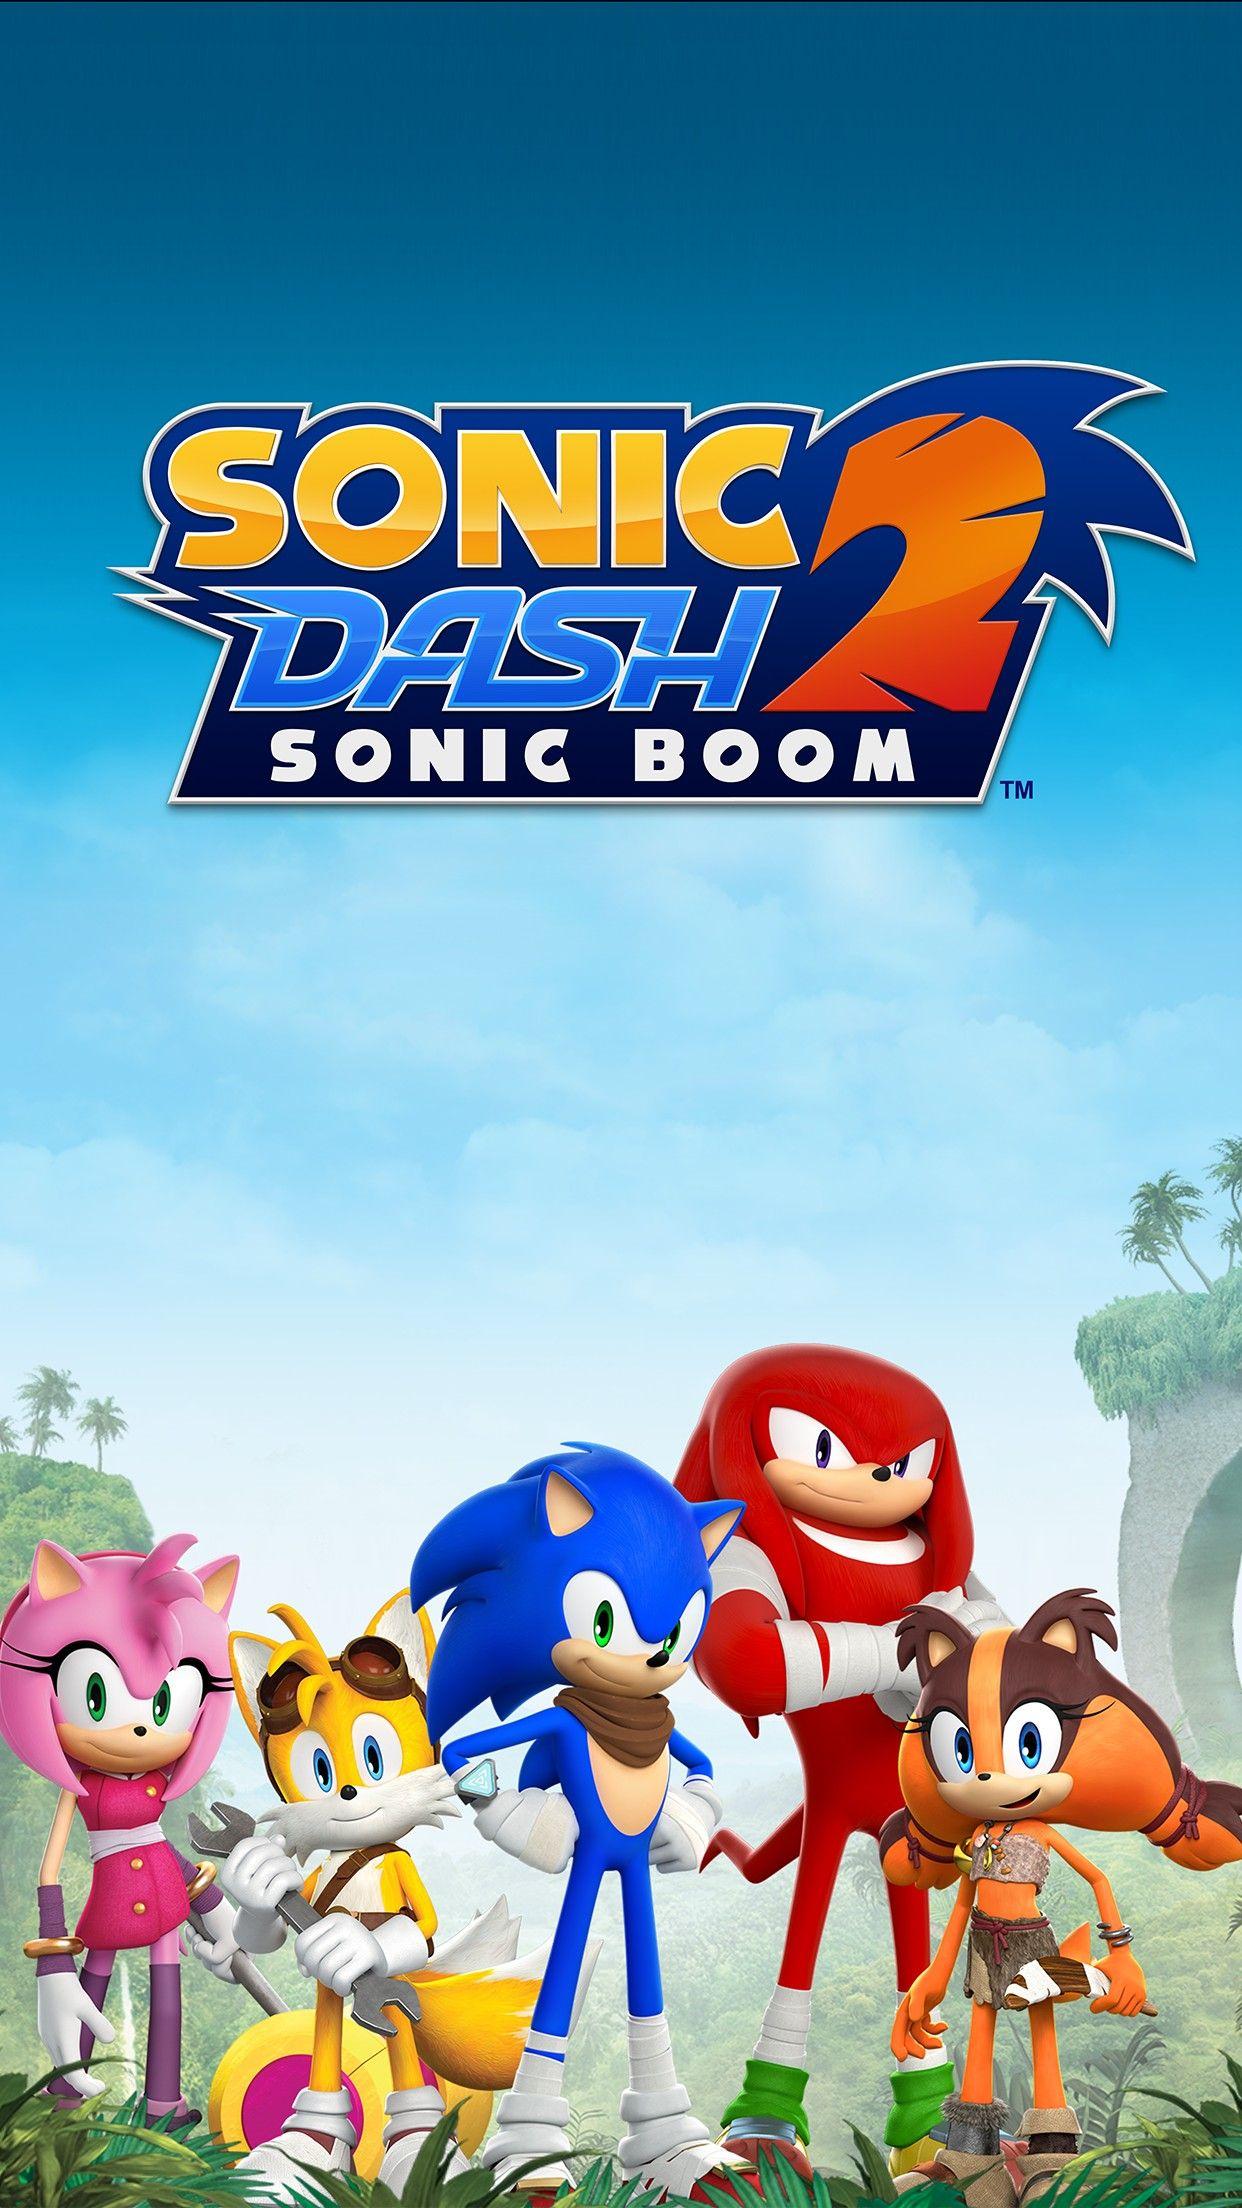 Sonic Dash 2 Screenshots Sega Zeigt Einige Bilder Zum Bald Erscheinenden Sonic Dash 2 Sonic Dash Sonic Sonic Boom